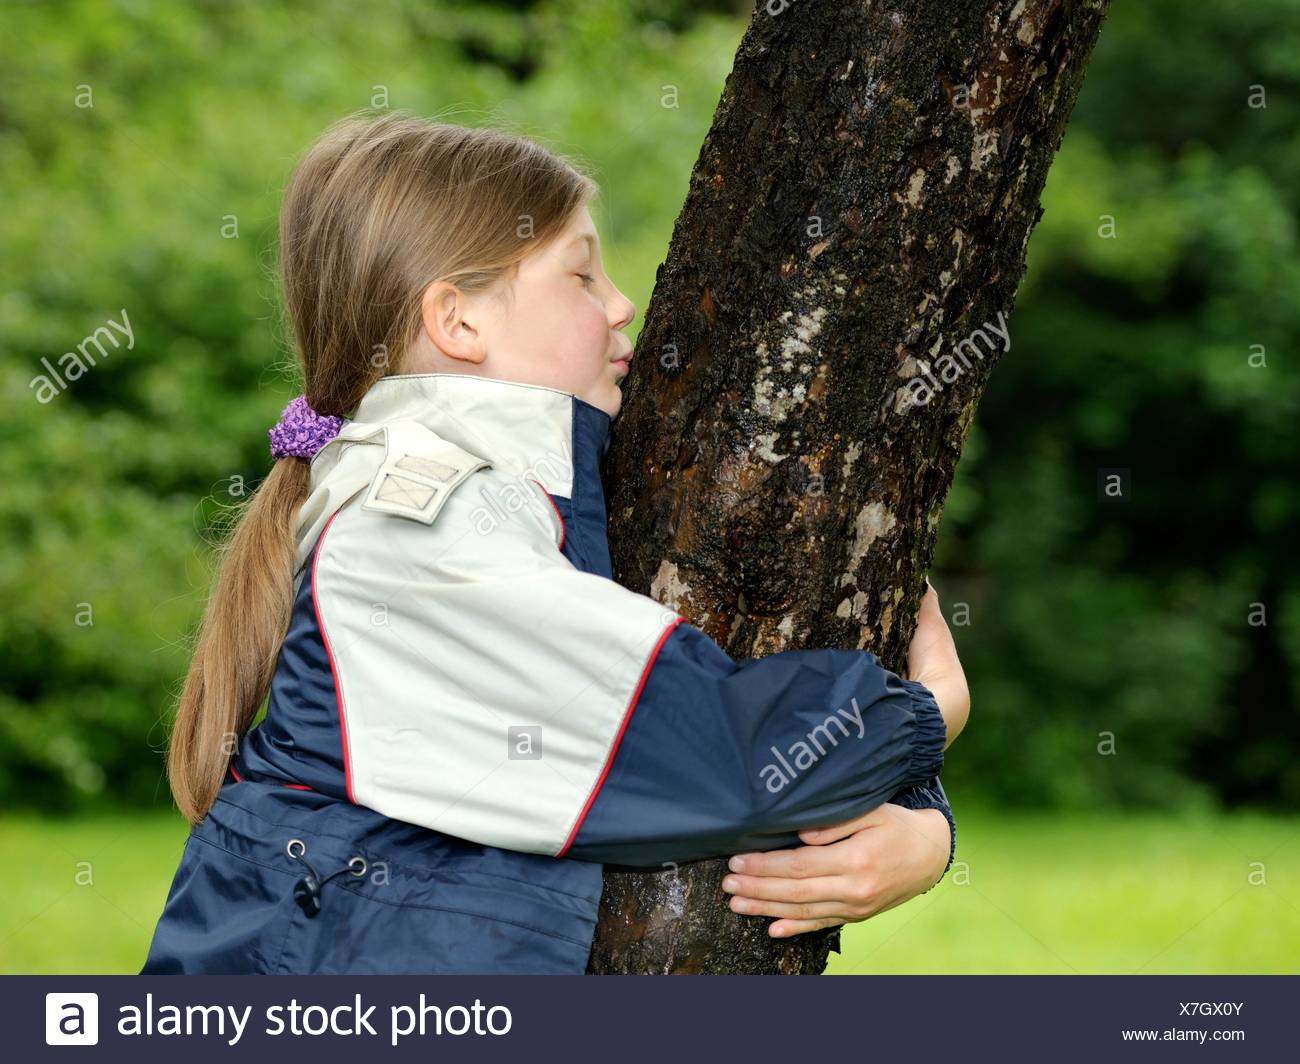 Mädchen, Baum, Umarmen, Beschützen, Bewahren, Schutz, genre, Schützen, Umweltschutz, Ökologie, ökologisch, Natur, natürlich, echt, wahrhaftig, lícito, Naturschutz, Rohstoff, Spiel, Spielen, Wachsen, Wachstum, Liebe, Wald, Zukunft, Spaß, Nachhaltigkeit, Kindheit, lachend, Jung, Hände, draußen, Erhalten, Forst, Euphorie, Freude, Frühling, Holz, grün, allein, Image Regenkleidung, weiblich, gute Laune,,, Toben Glücklich, Regenjacke, Regenwetter, Portrait, Kuss, Kuß, Busserl, Bussel, Bussi, personne, Baumstam Photo Stock